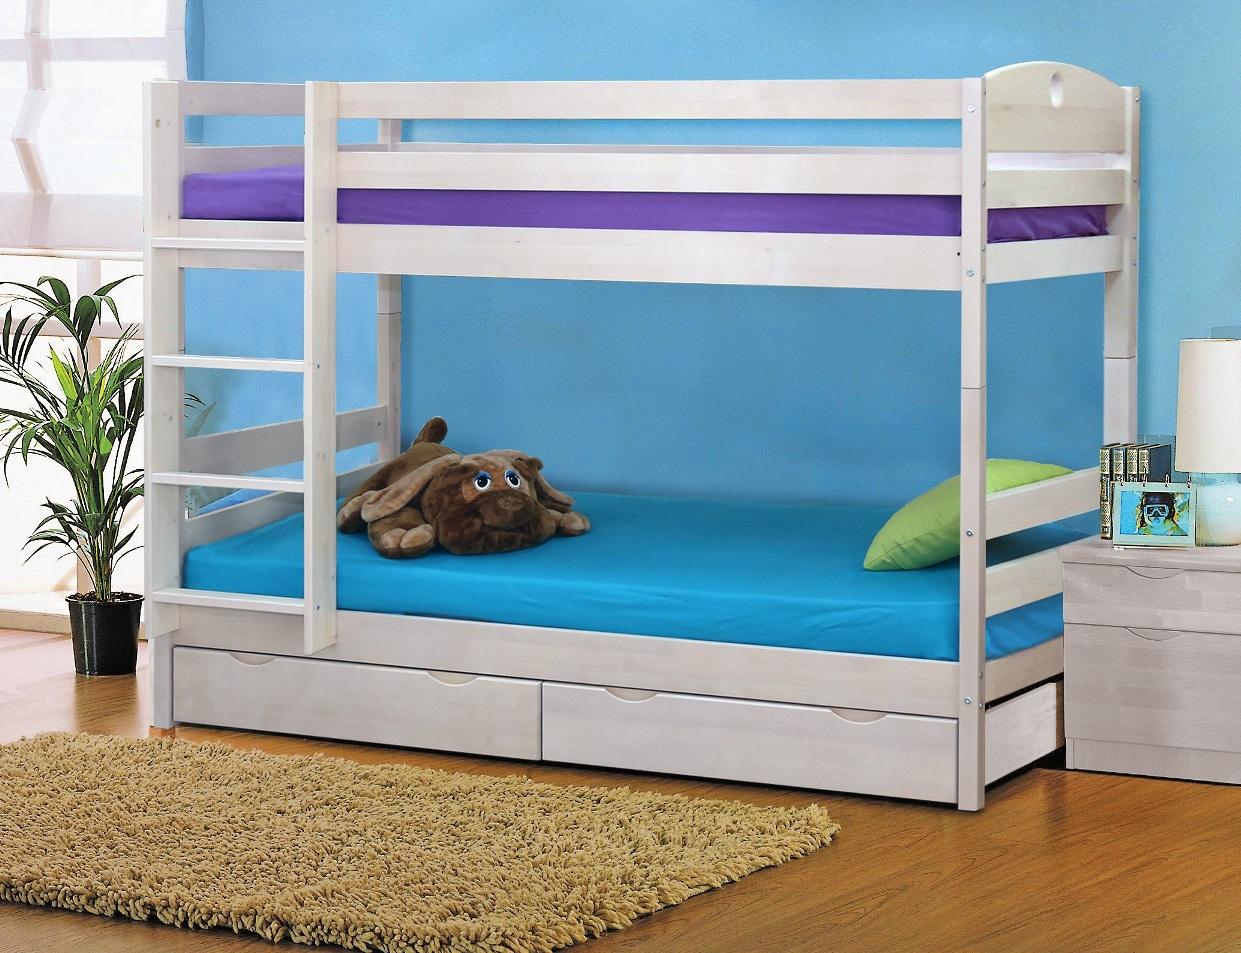 Кровать двухъярусная Массив с ящиками кровать двухъярусная с лестницей с ящиками прованс